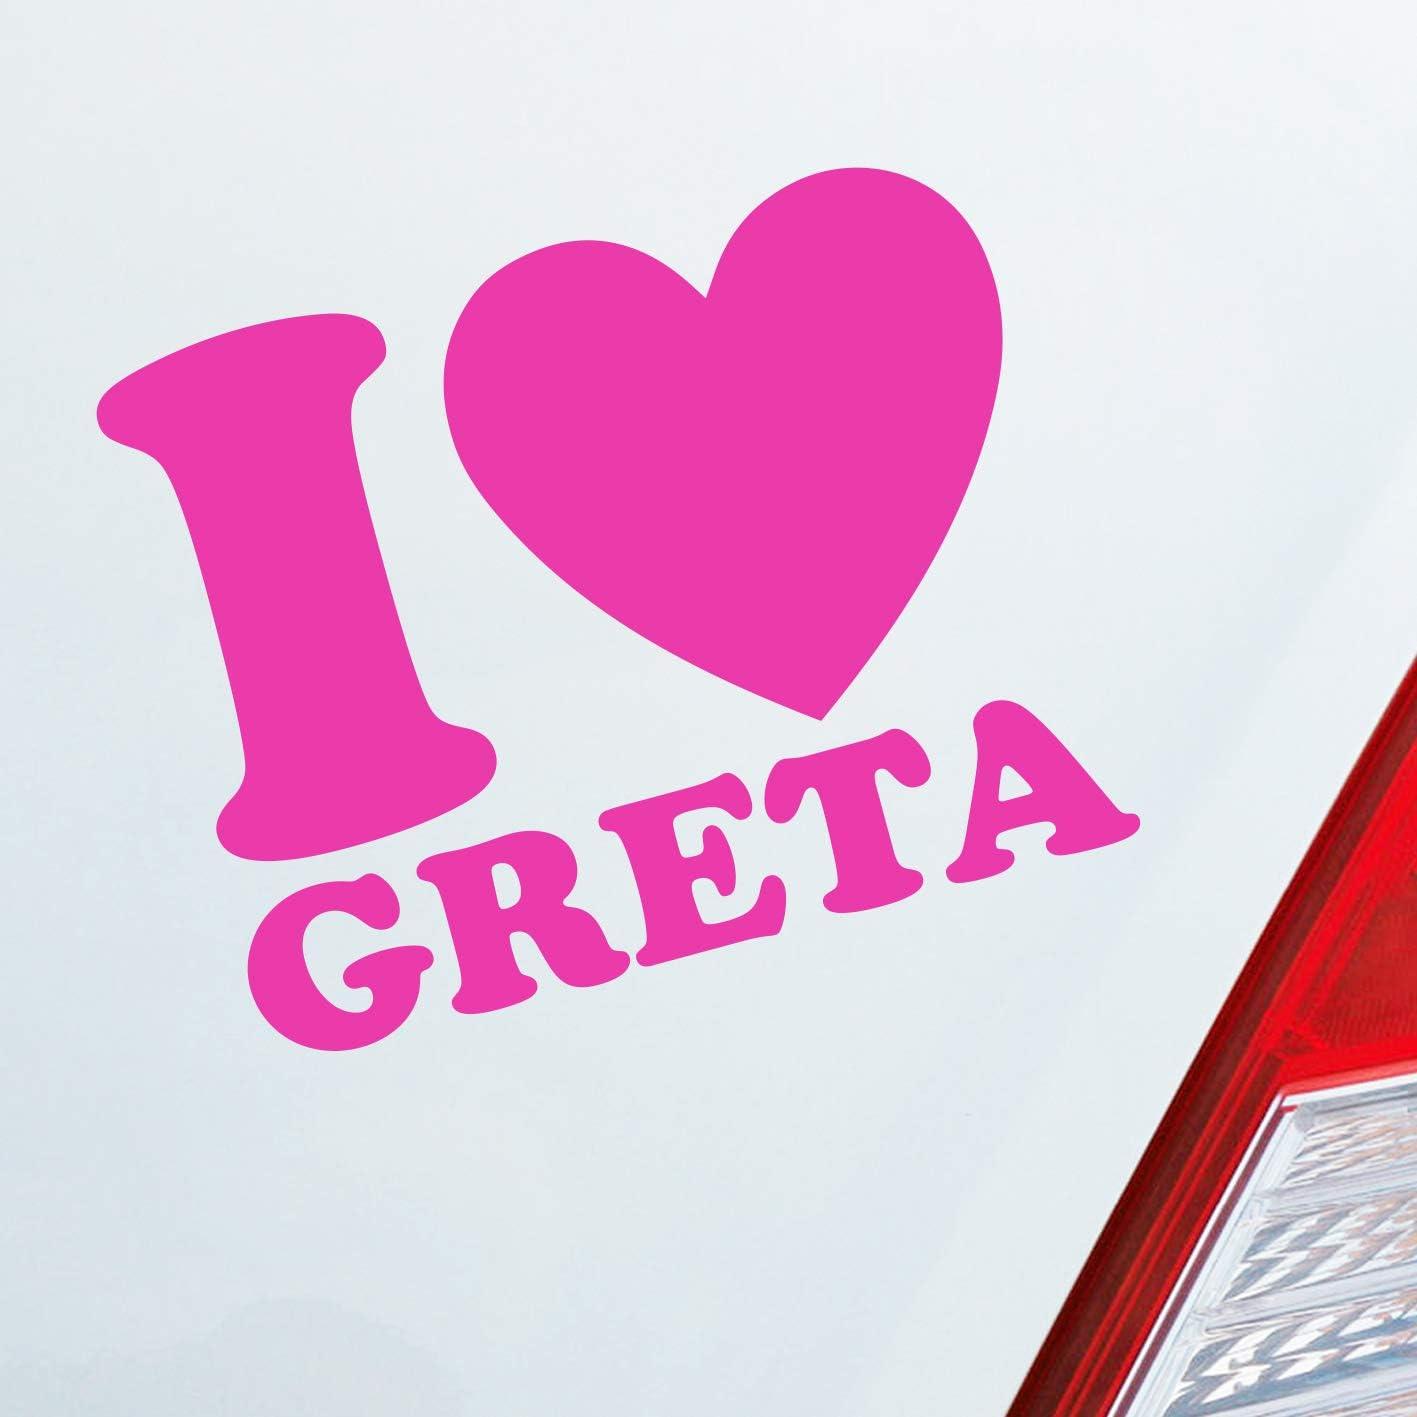 Auto Aufkleber In Deiner Wunschfarbe I Love Greta Herz Heart Liebe Fridays For Future Ca 12 X 10 Cm Autoaufkleber Sticker Auto